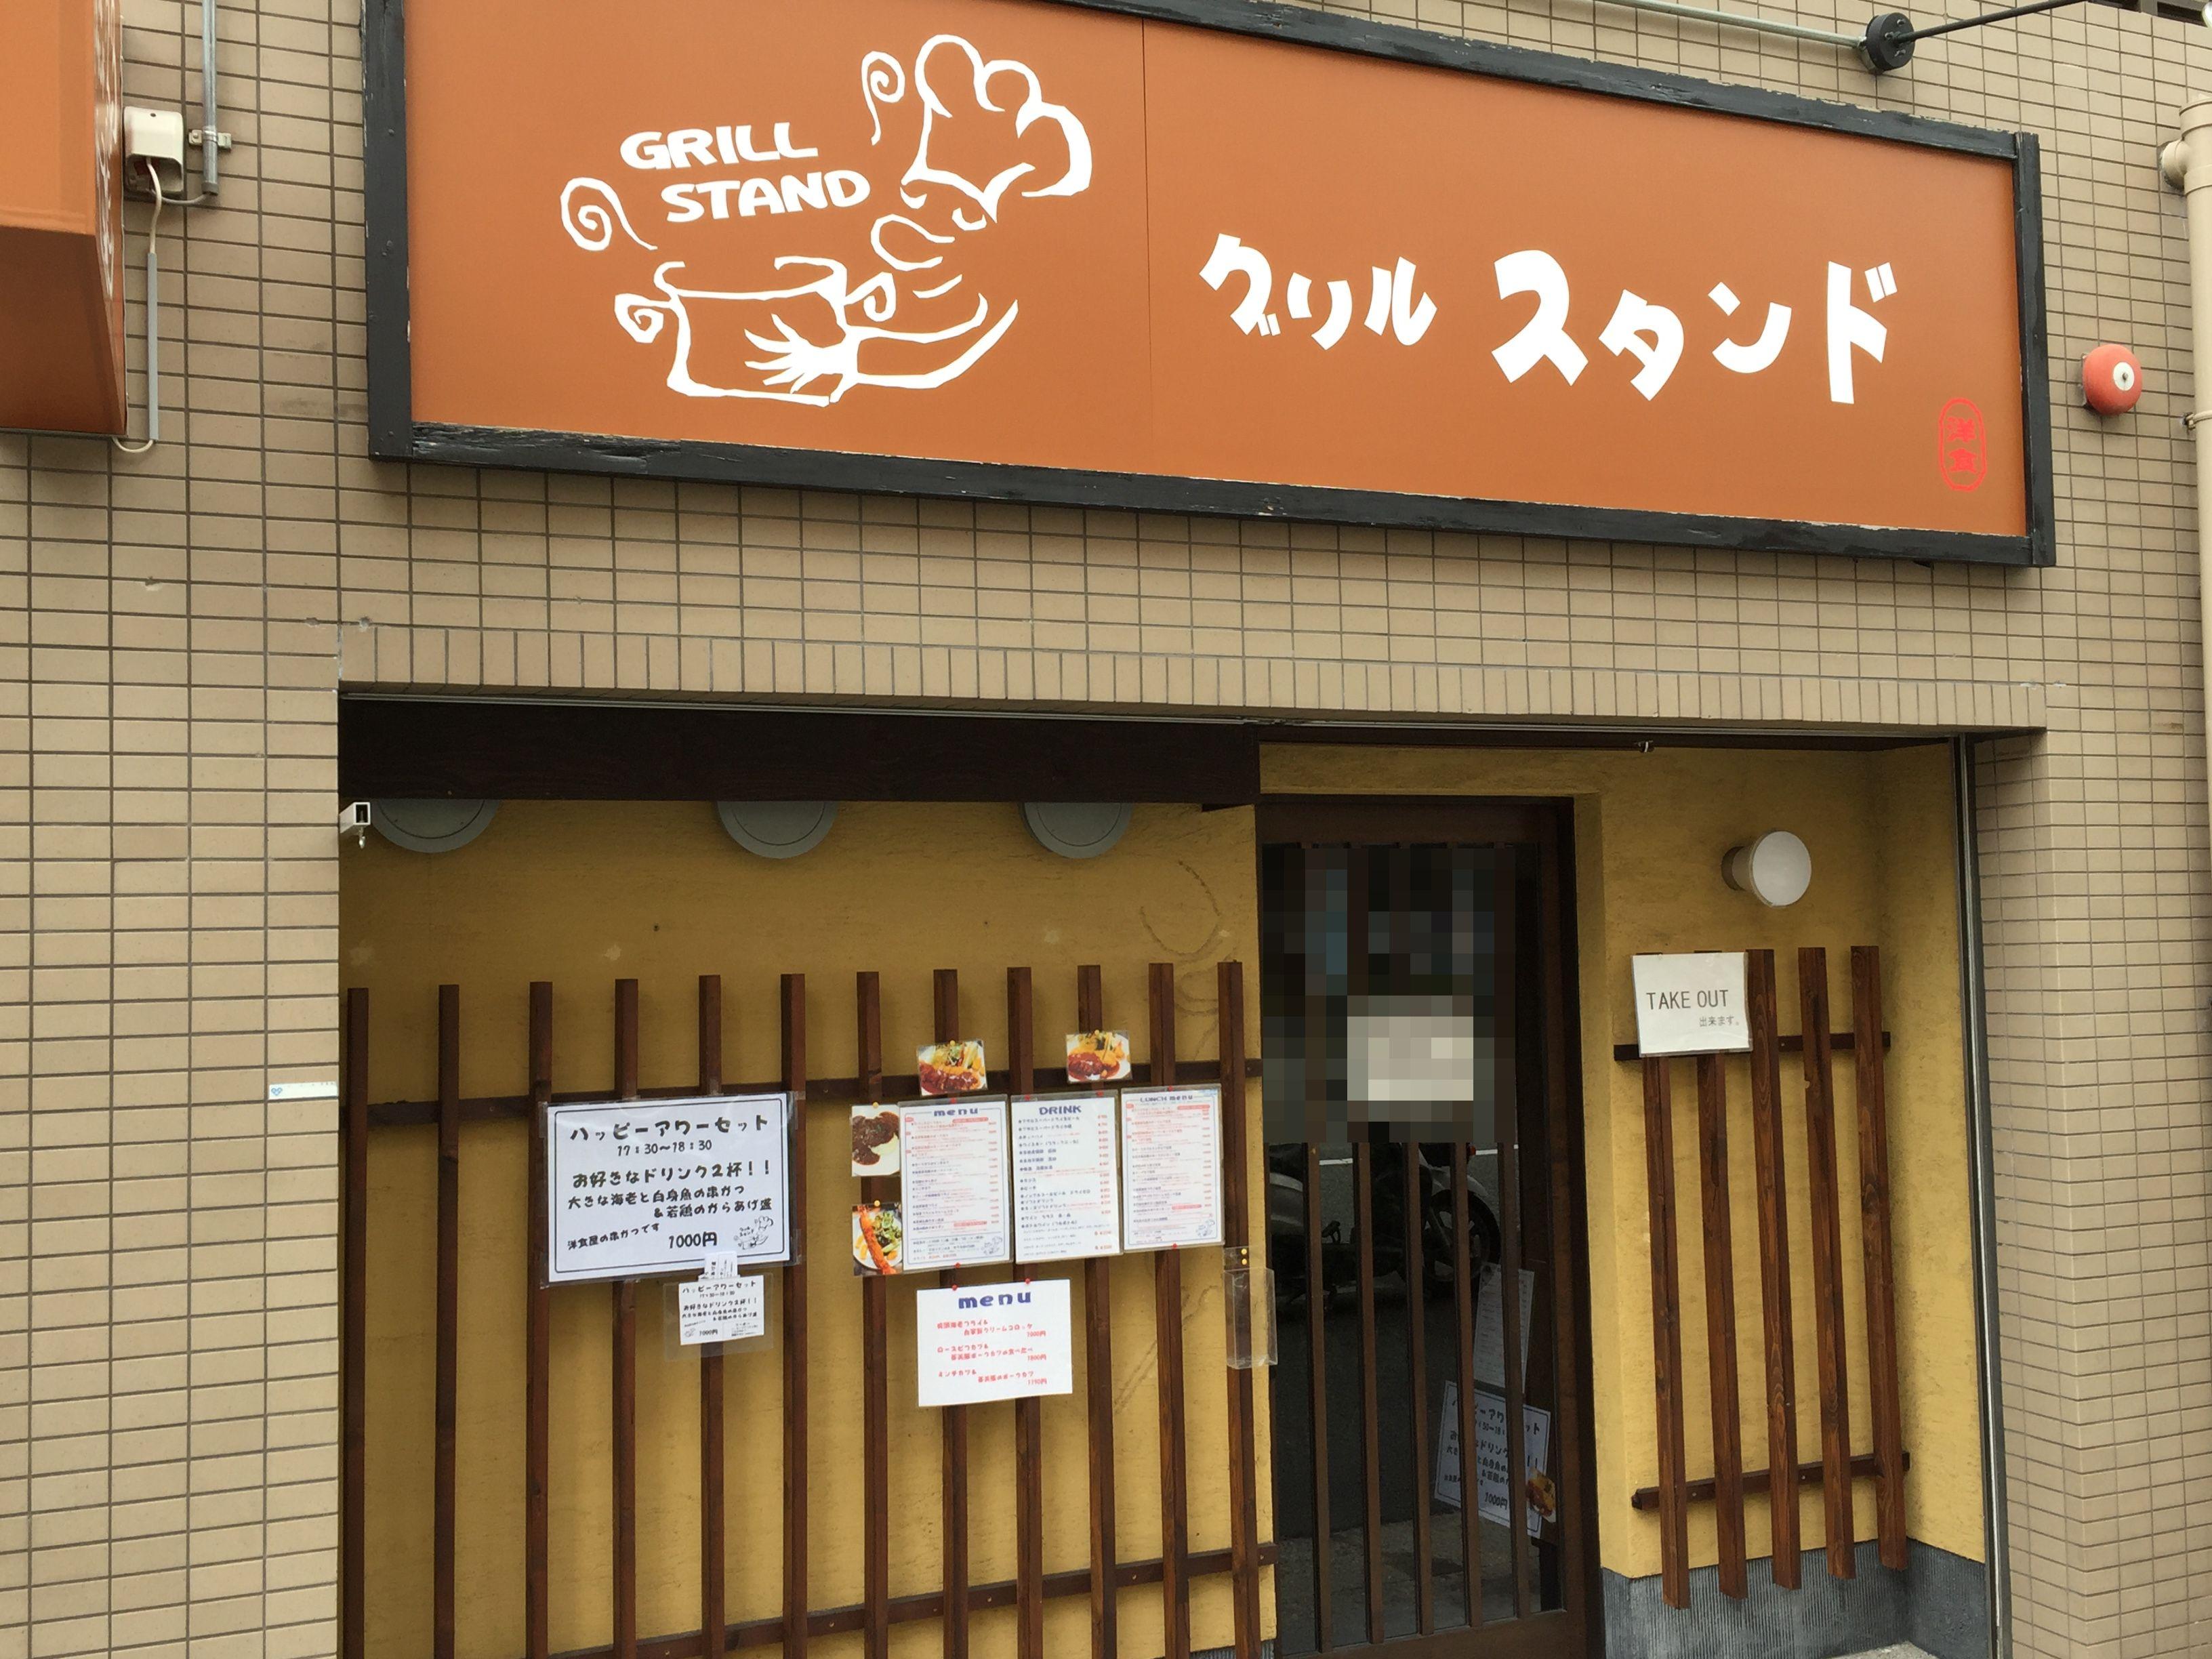 神戸・甲南にある洋食の「グリル スタンド(GRILL STAND)」さんでジャンボ有頭海老フライを食べてみた! #洋食 #海老フライ